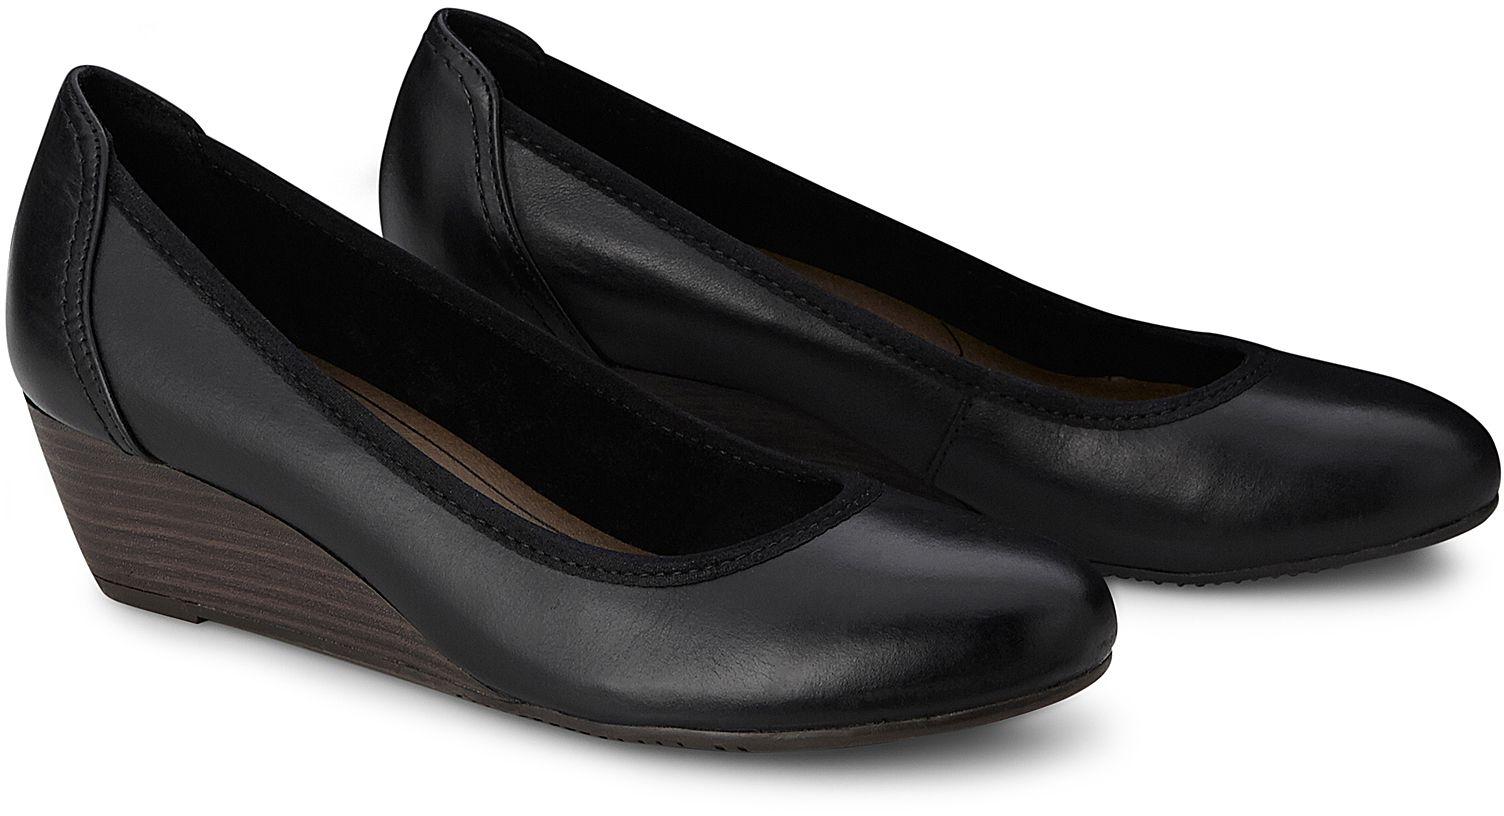 Schuhe online kaufen